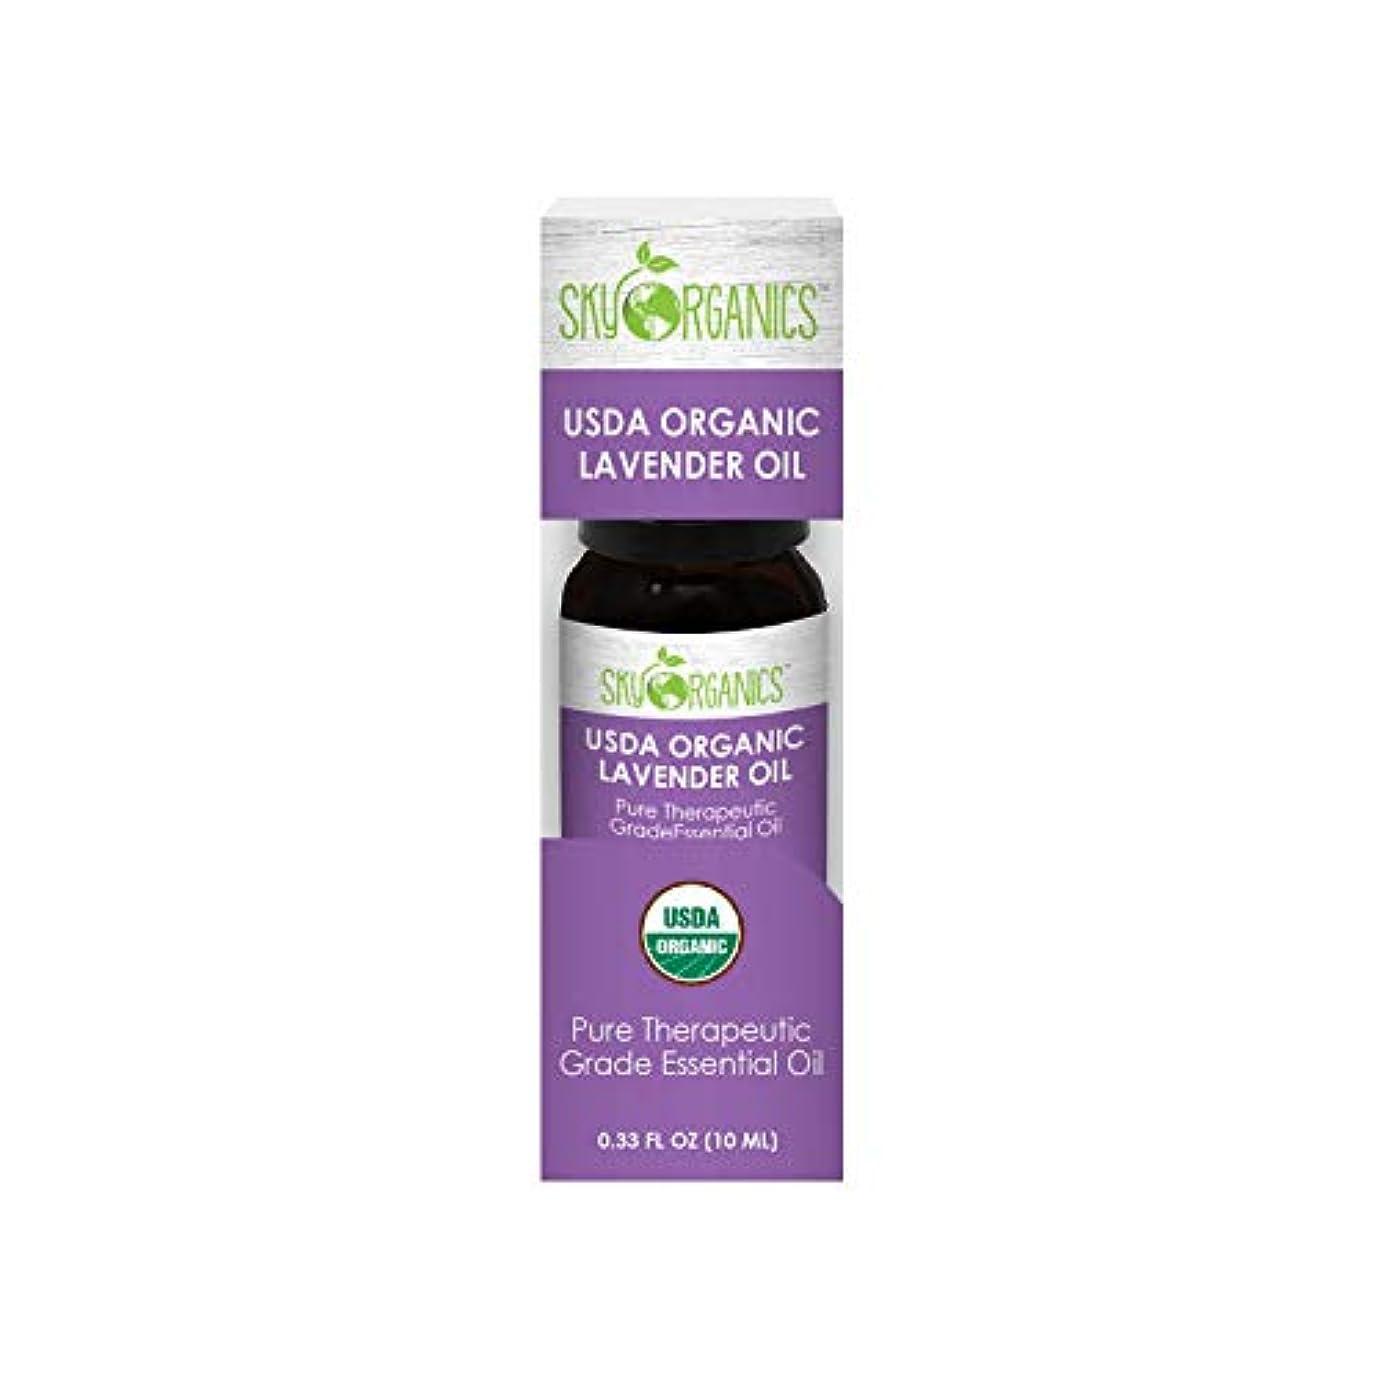 芽三番ワイド認定エッセンシャルオイル Lavender Oil Sky Organics USDAオーガニックラベンダーオイル-10 ml-ピュアセラピューティックグレードのエッセンシャルオイル-ディフューザー、アロマセラピー、マッサージオイル、DIY